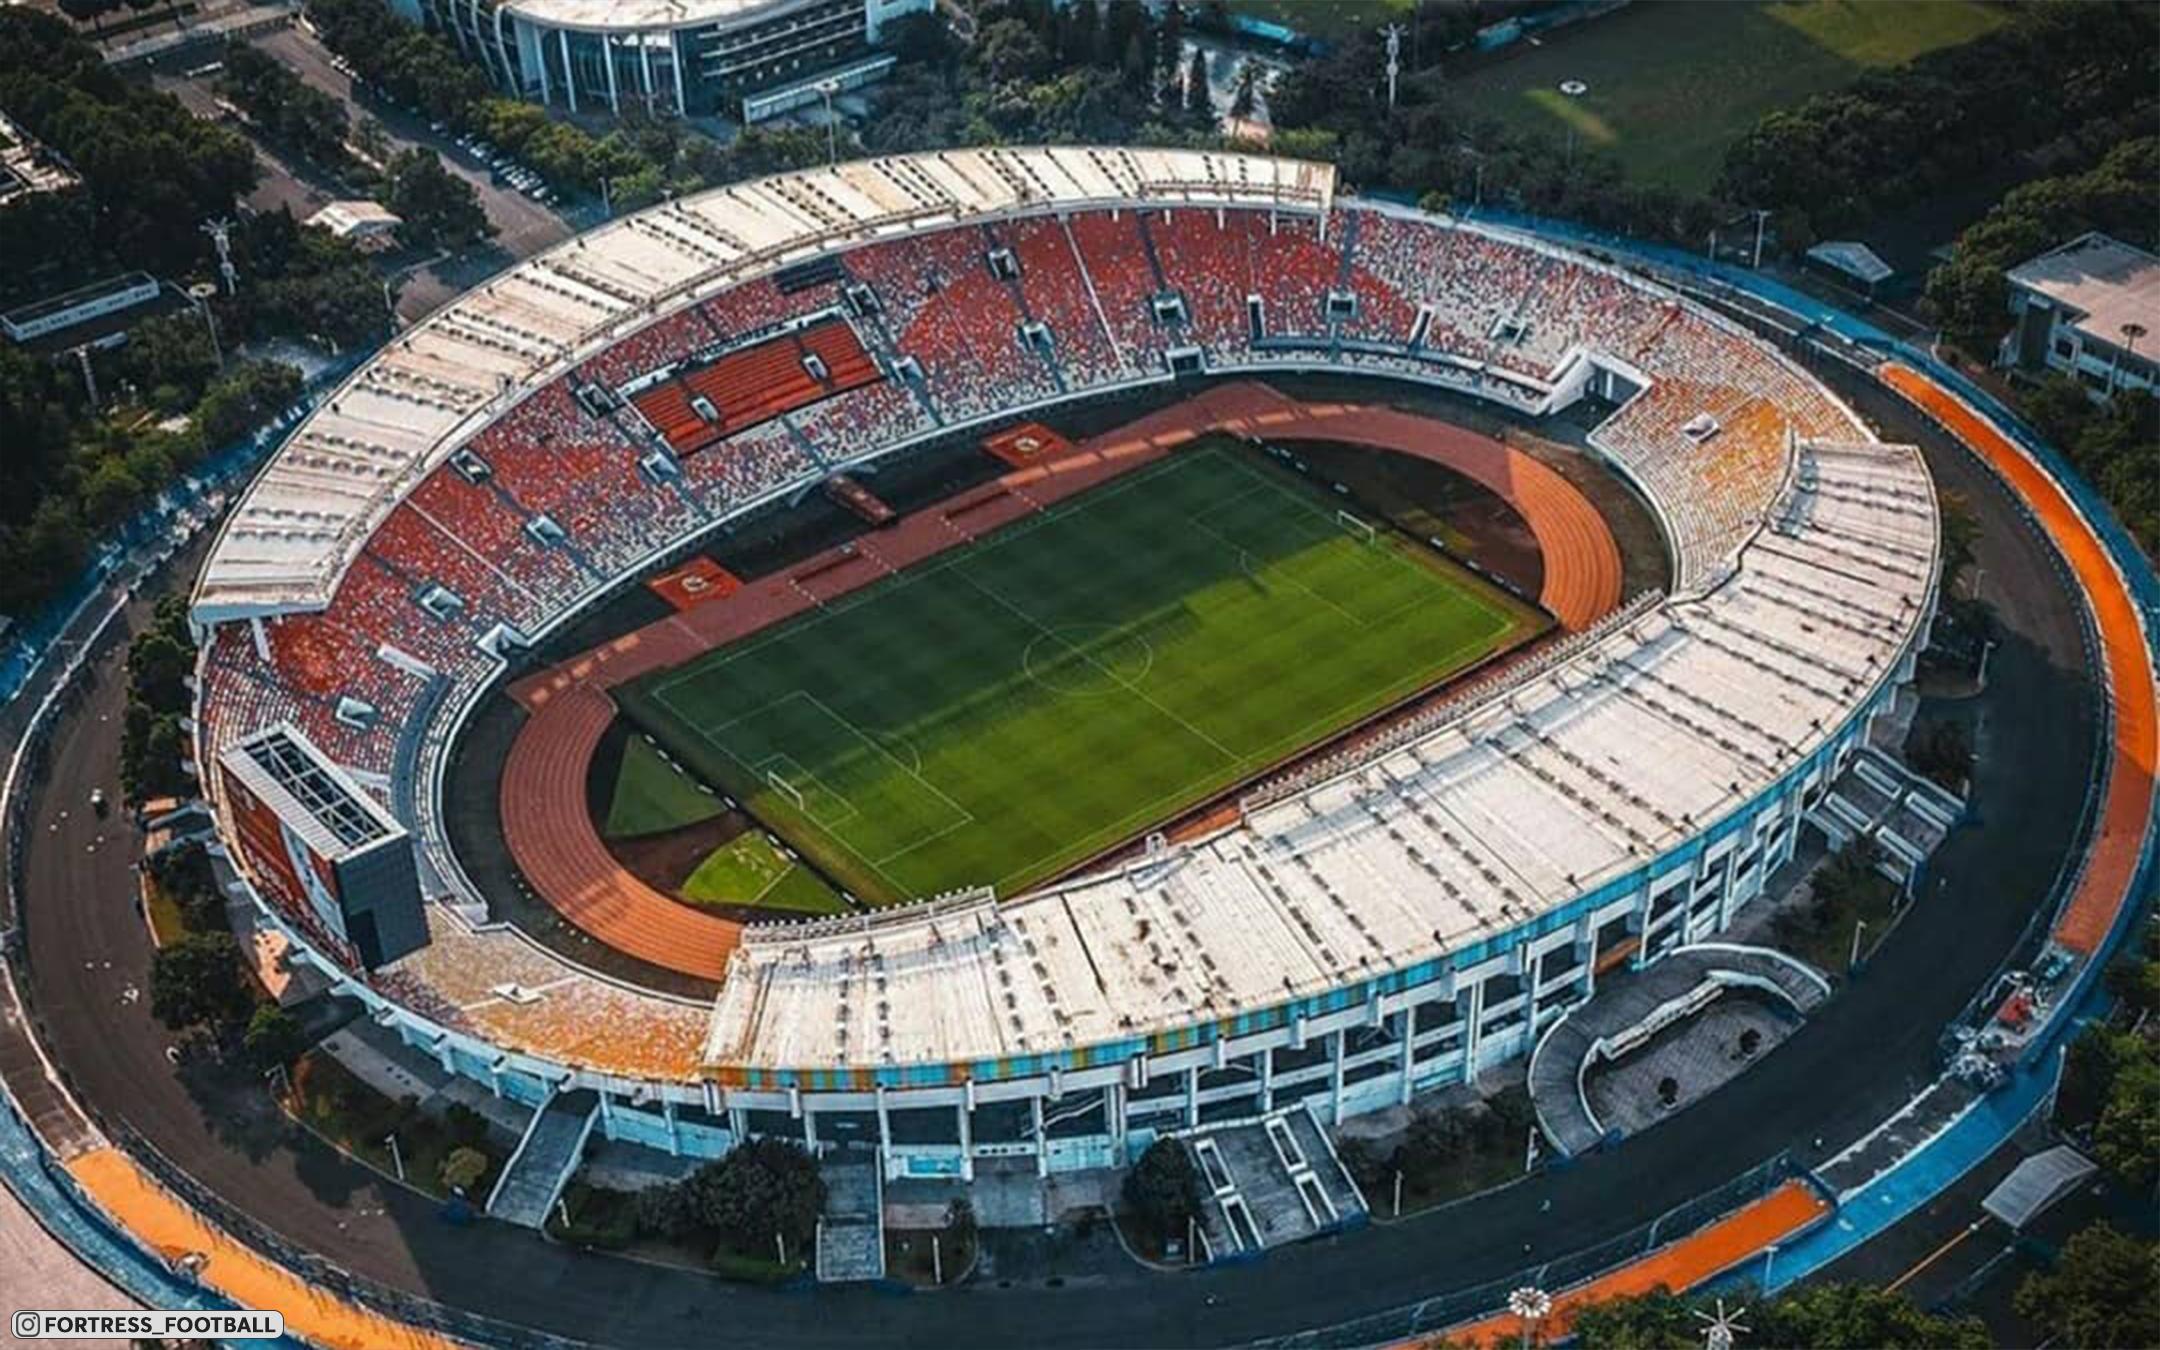 Китайский стадион «Тяньхэ» на 60 000 зрителей посреди небоскребов. Шикарные фотографии с дронов